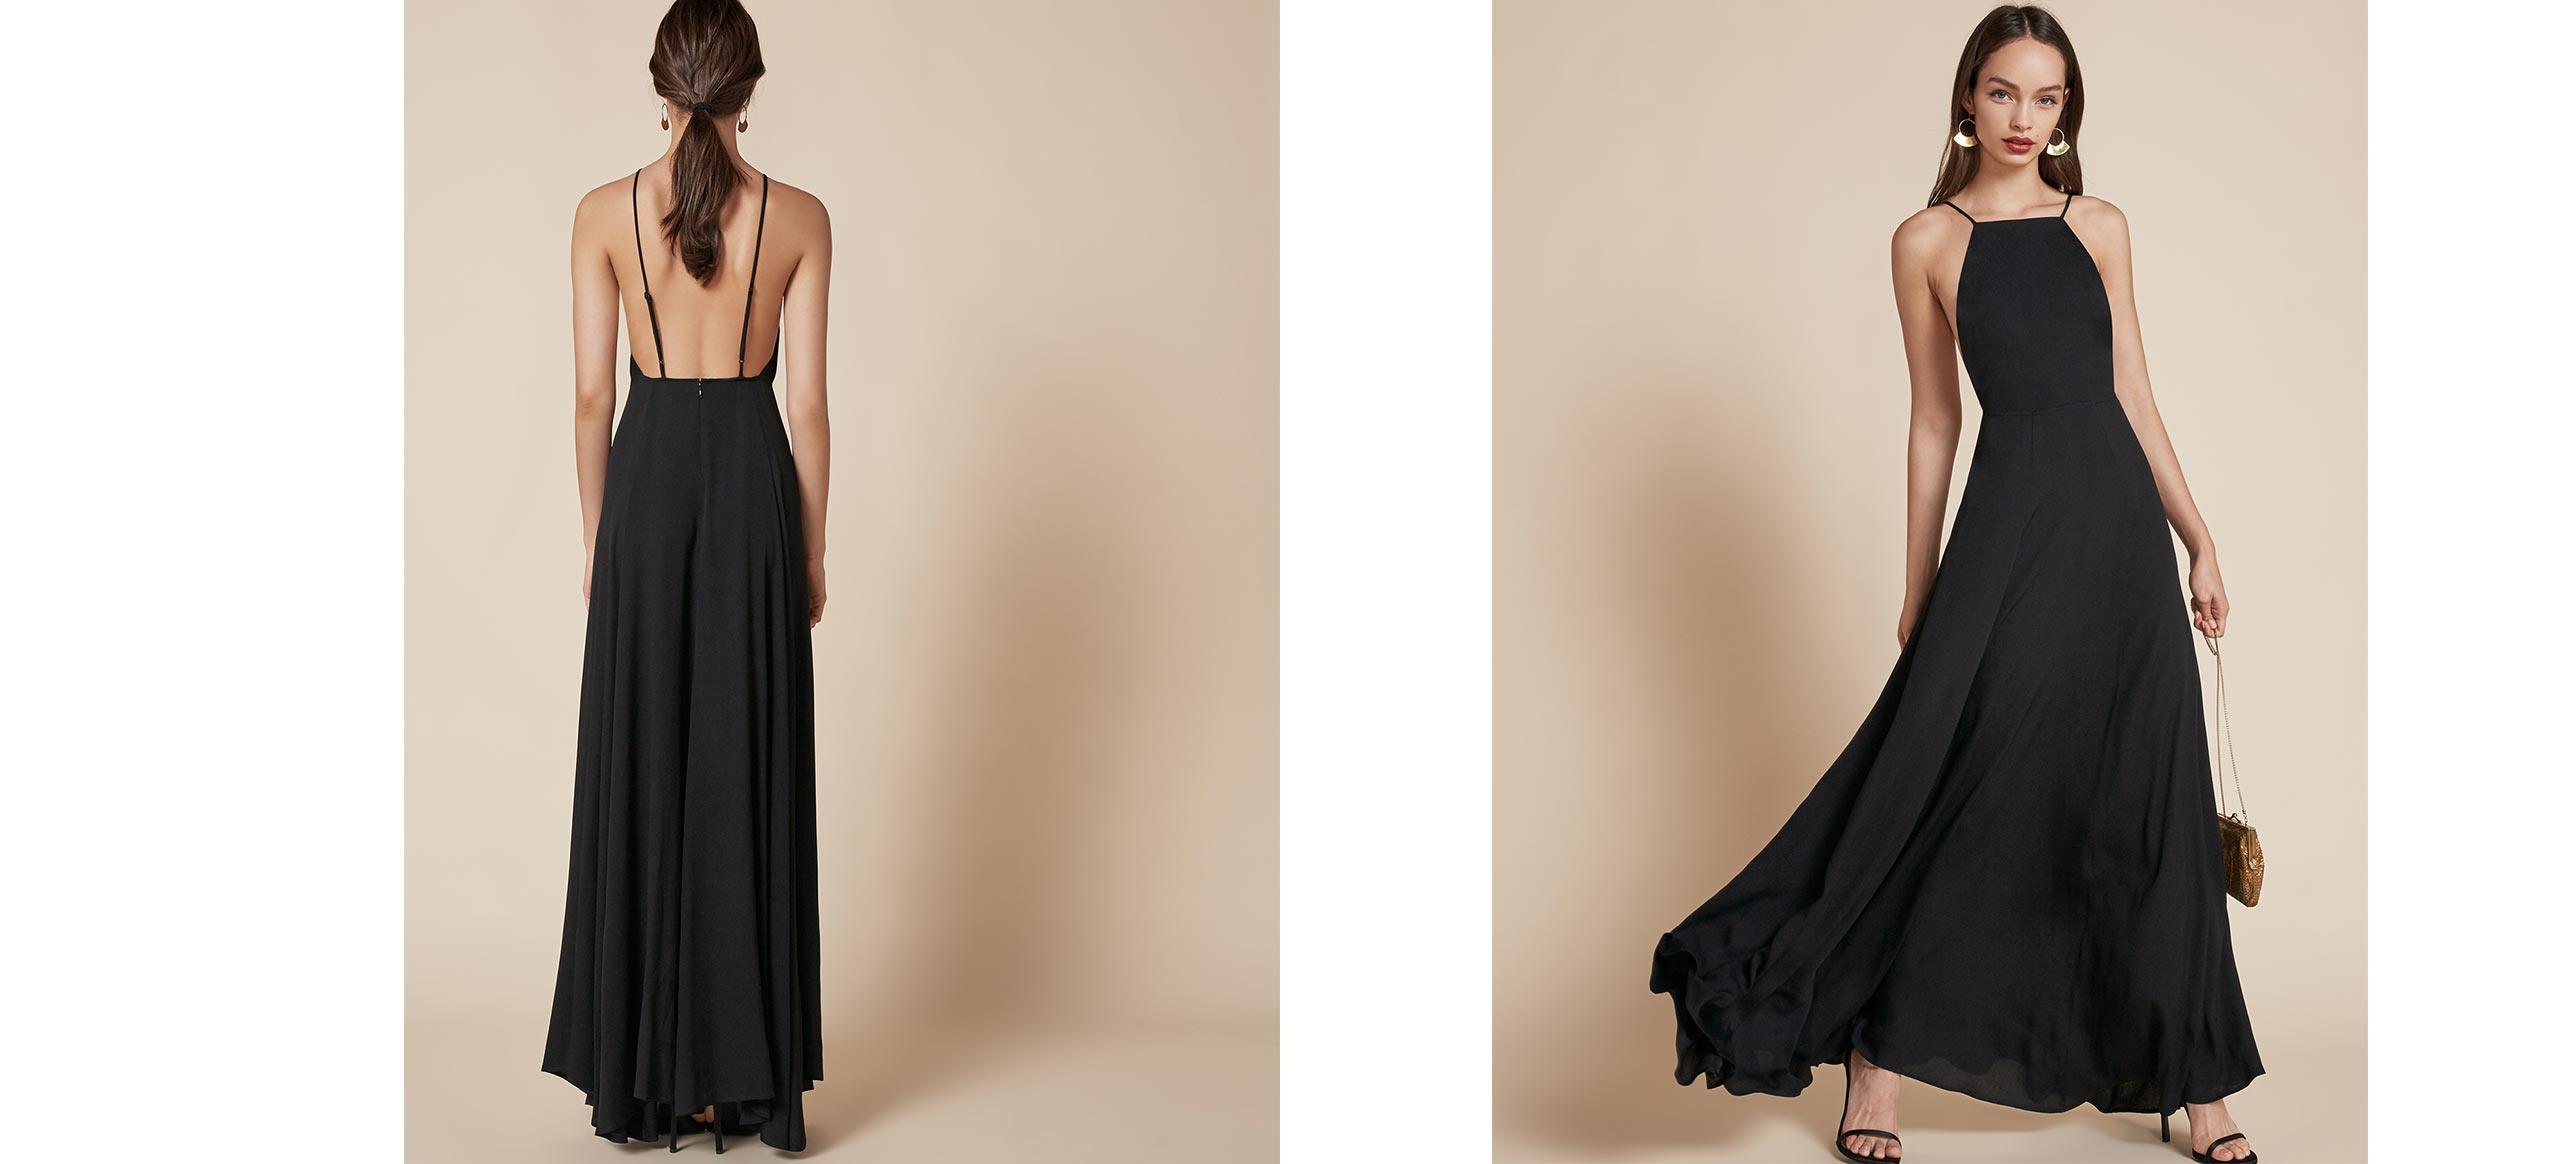 Abend Genial Nachhaltiges Abendkleid Stylish15 Großartig Nachhaltiges Abendkleid Stylish